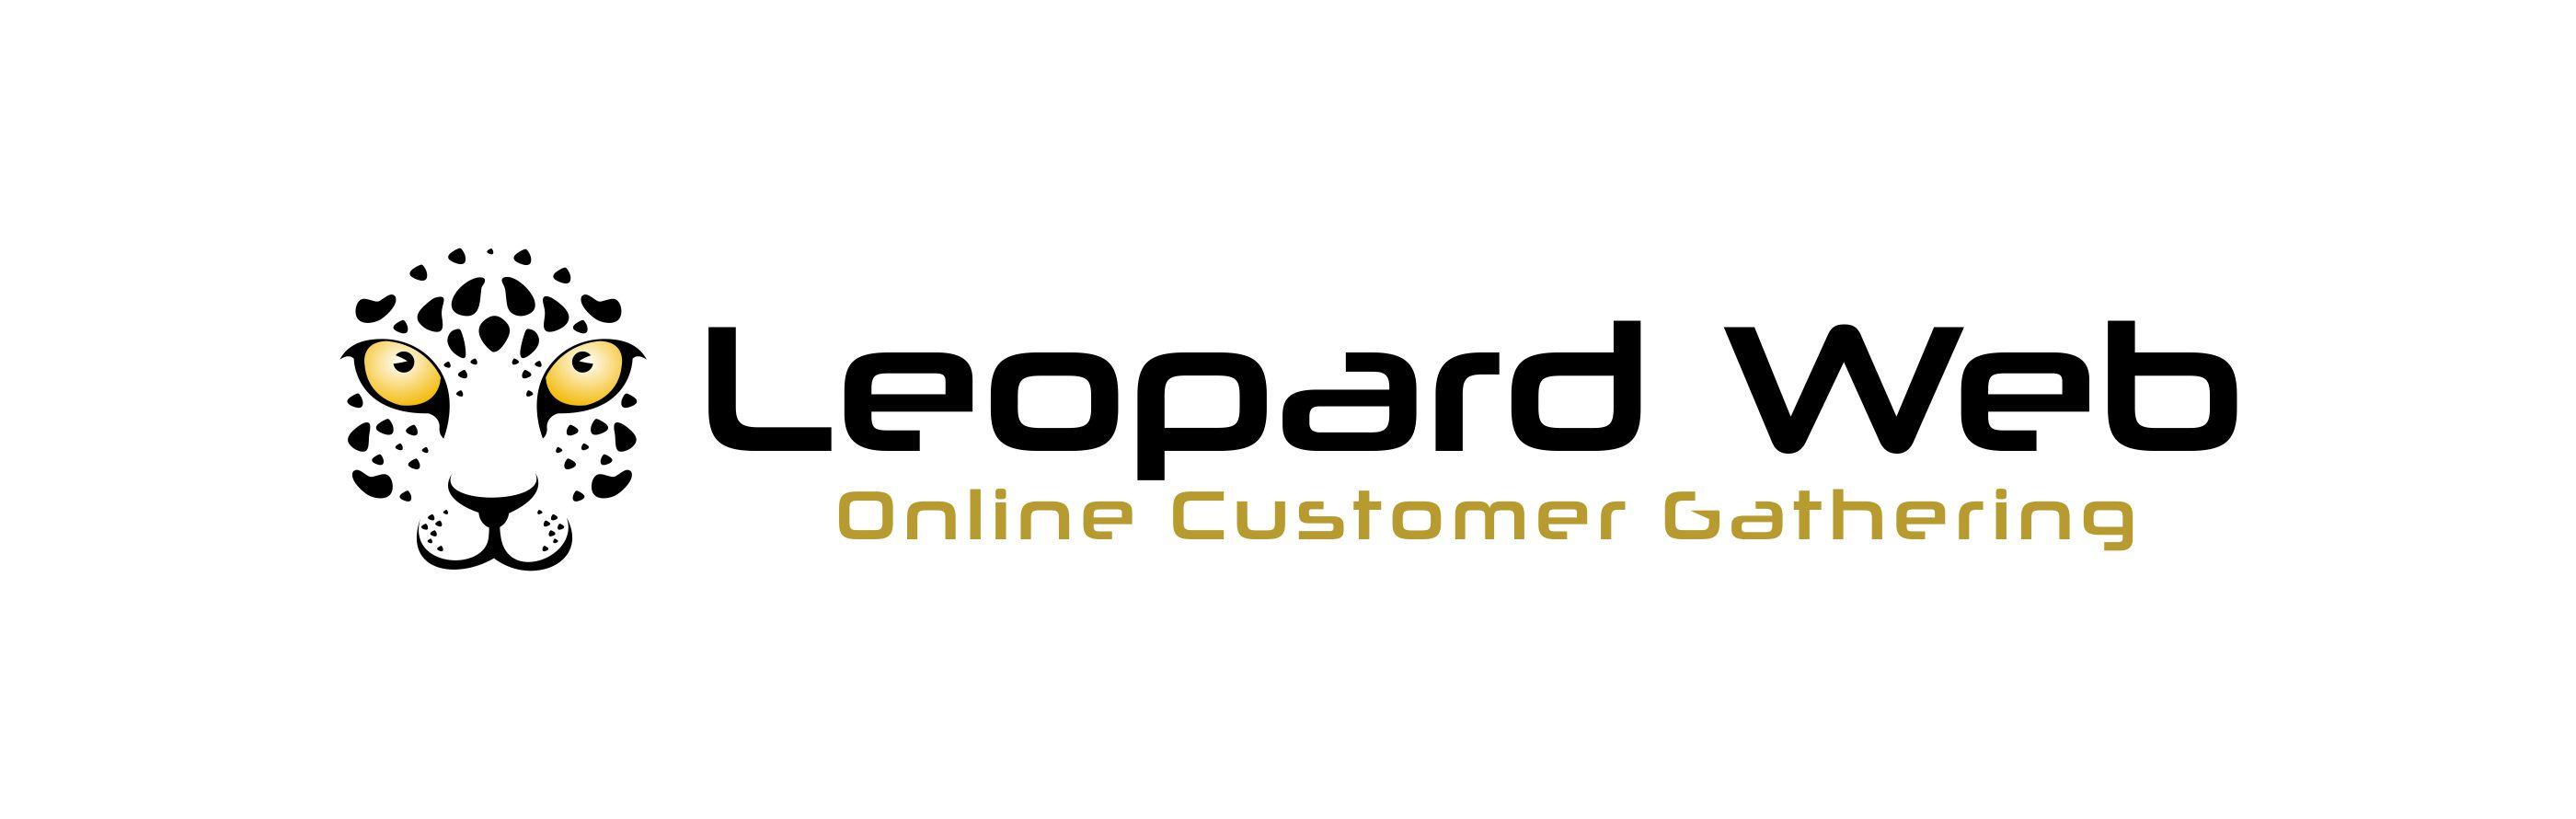 logo-finished